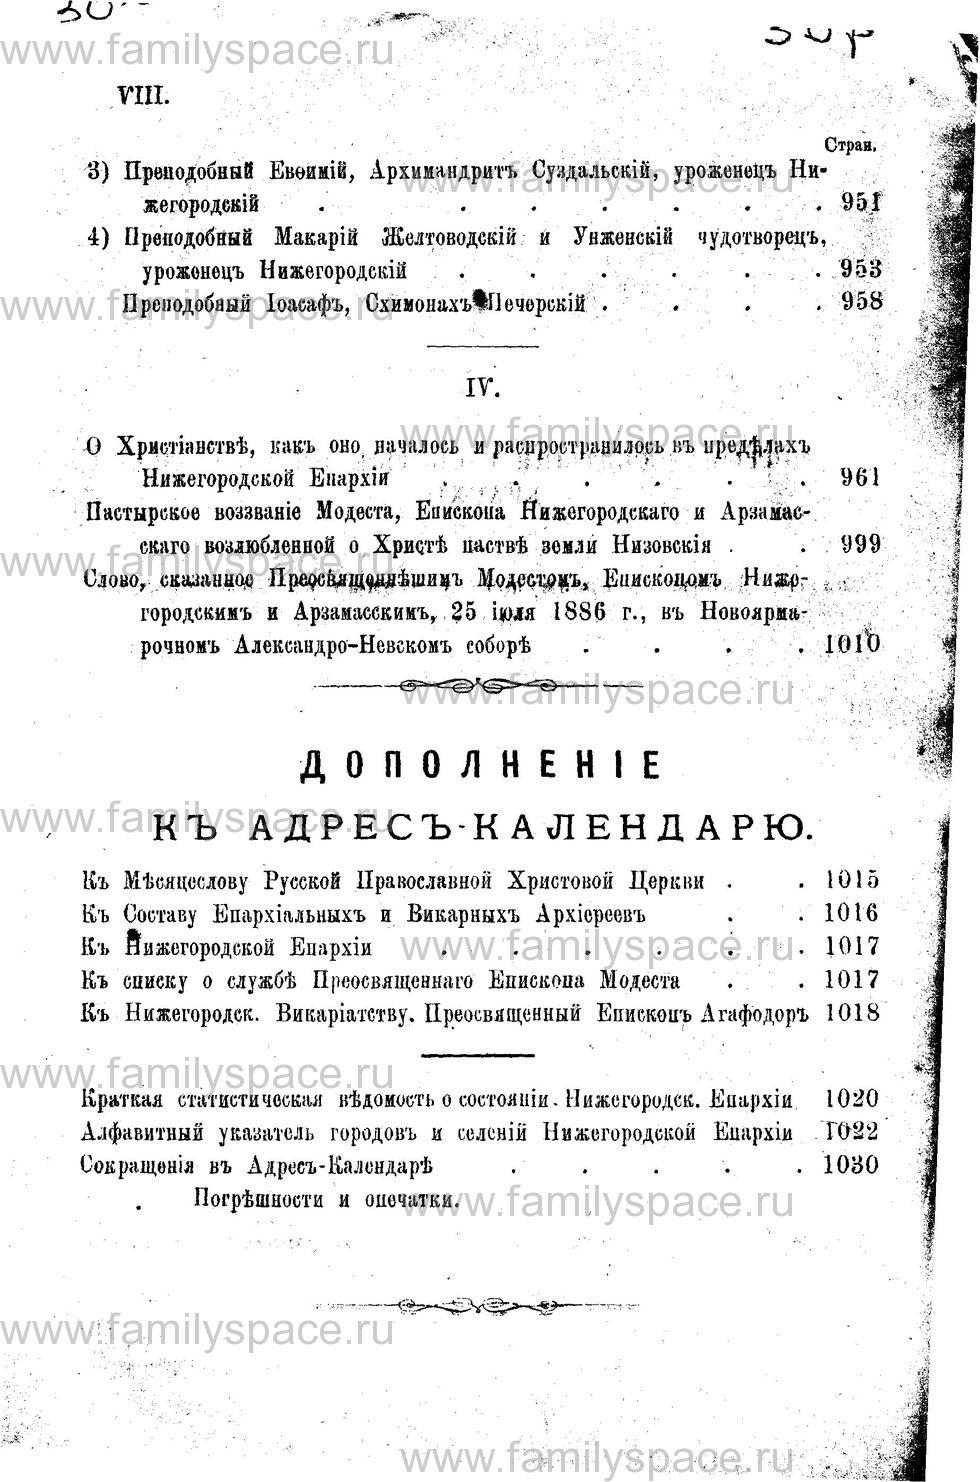 Поиск по фамилии - Адрес-календарь Нижегородской епархии на 1888 год, страница 3008